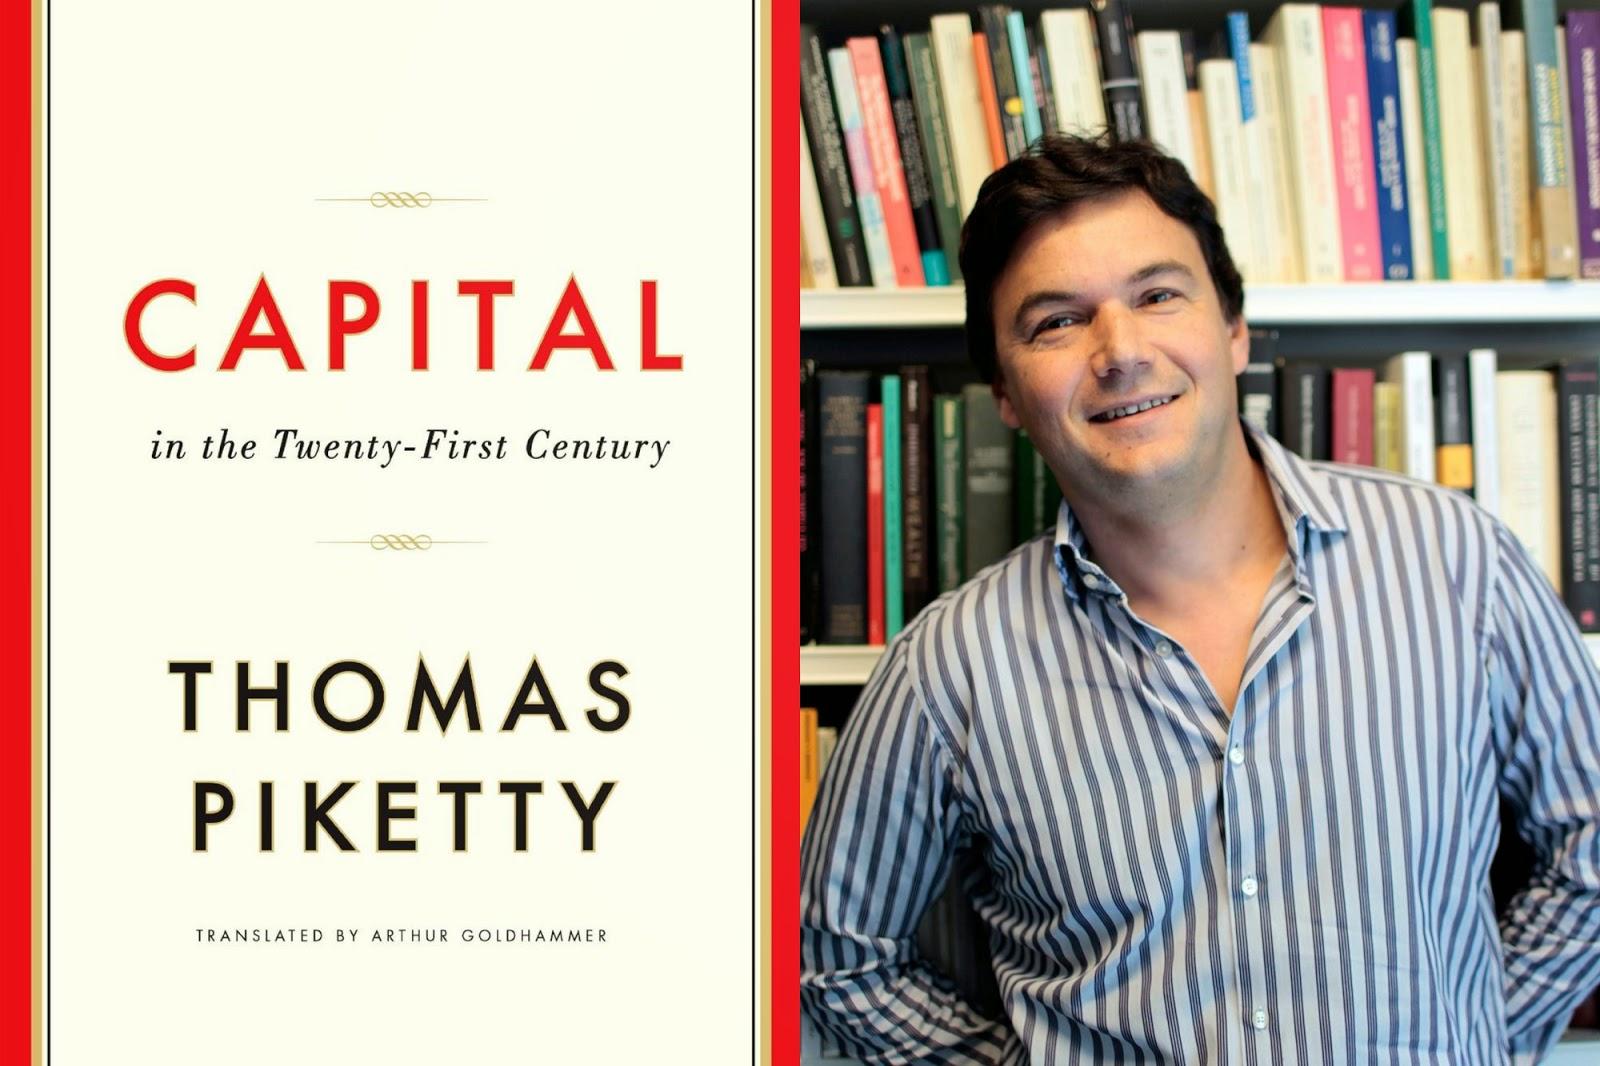 El capital en el siglo xxi de thomas piketty rese a de un no lector